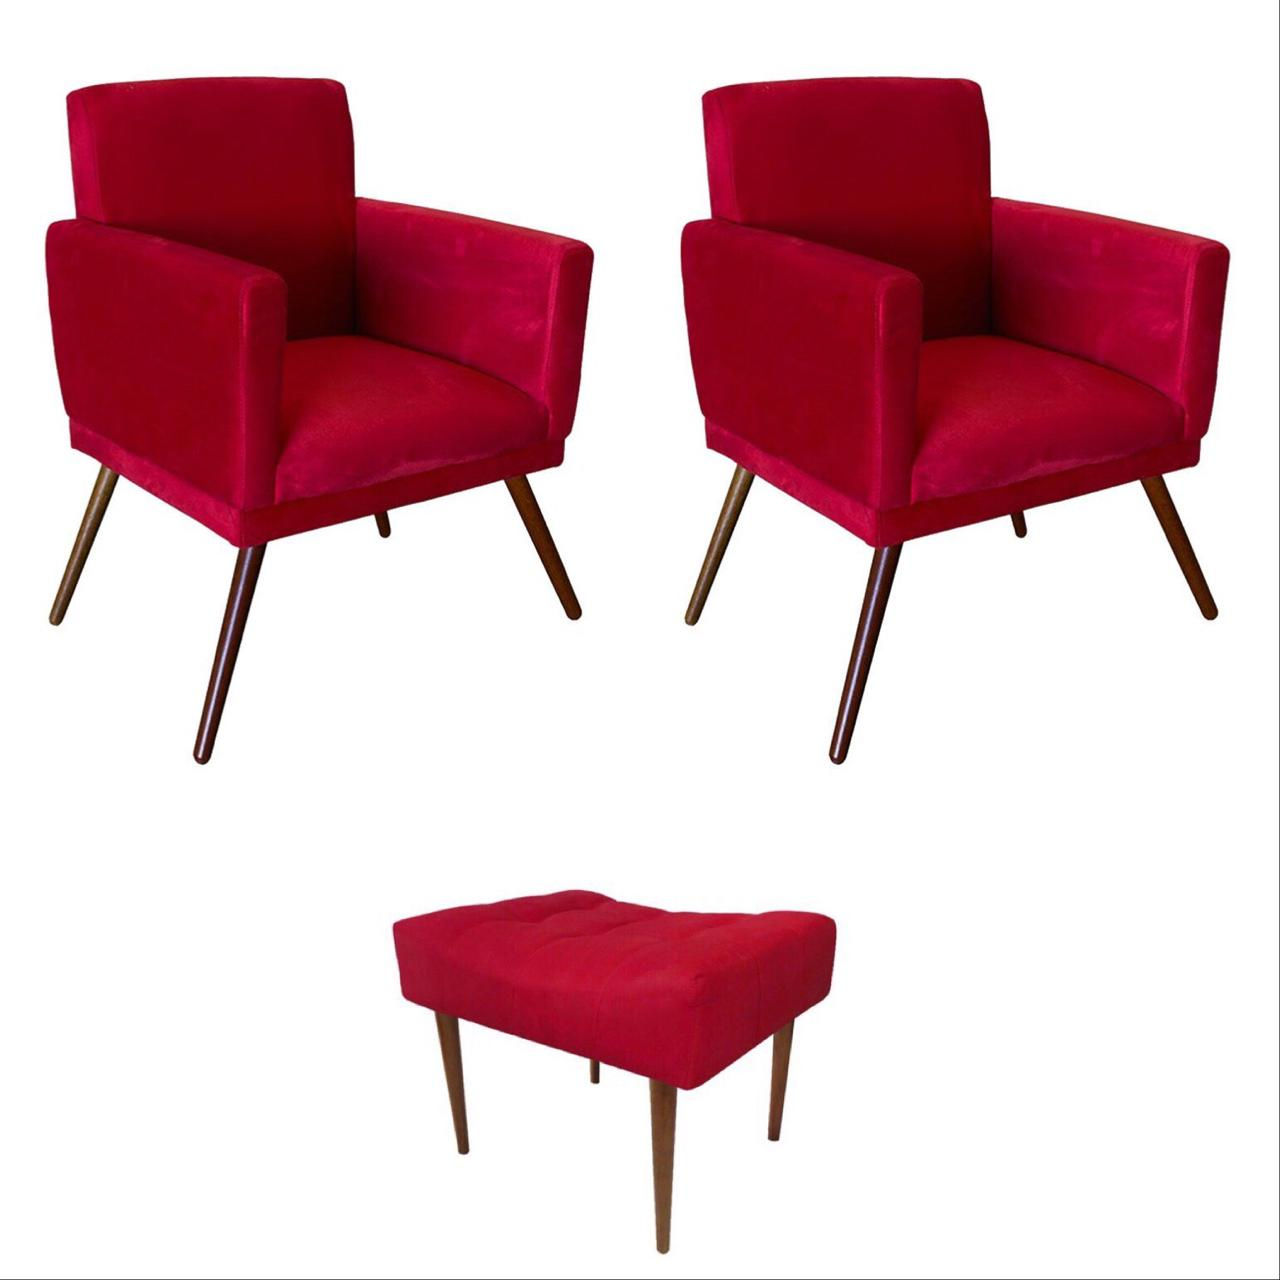 Kit 02 Poltrona Decorativa Nina com rodapé e Puff retangular Vermelho - Bela Casa Shop